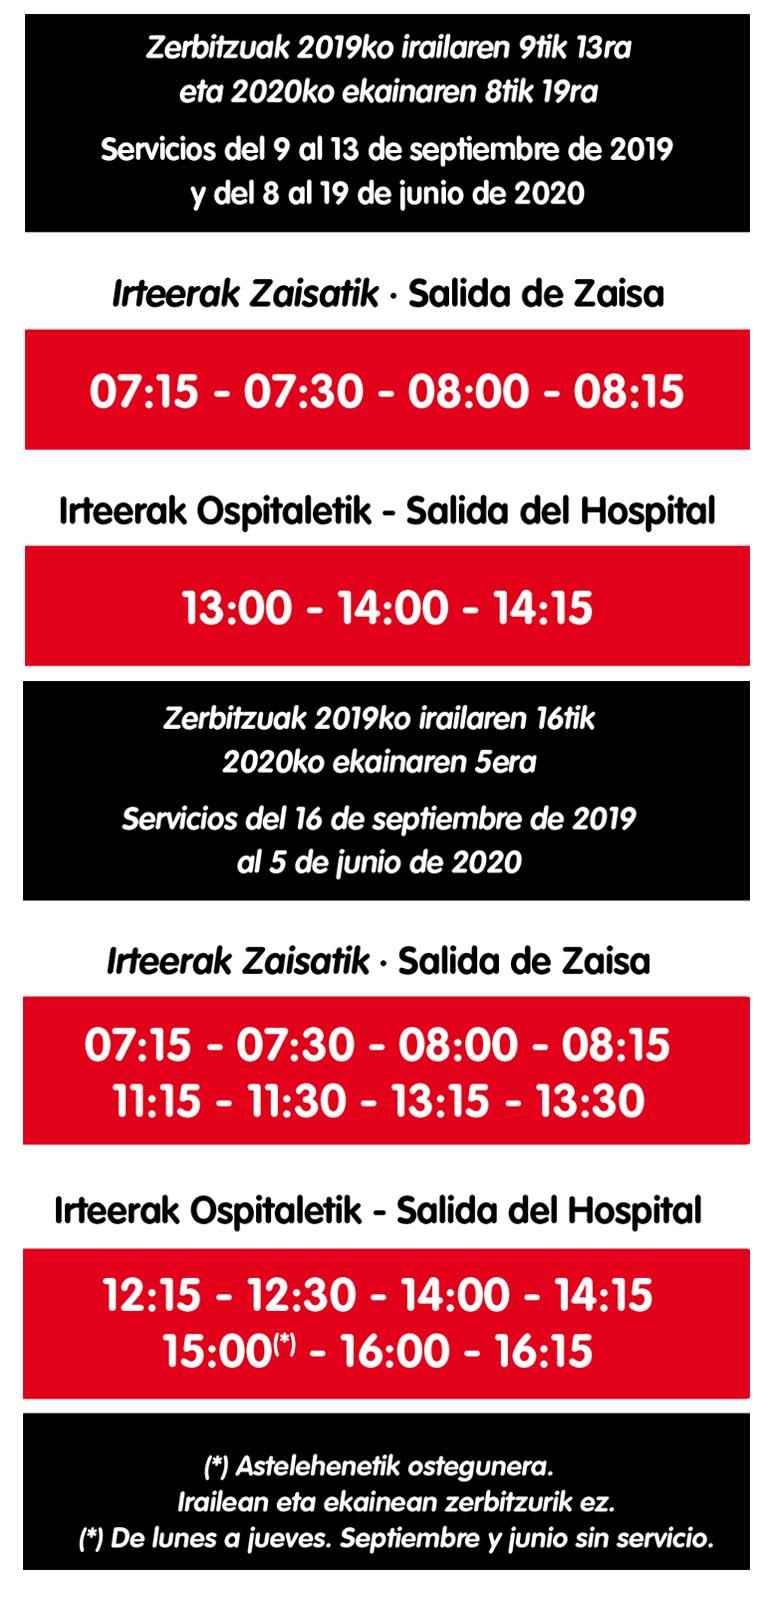 L1 Horarios Zaisa Ospitalea Txingudi Ikastola 2019-2020